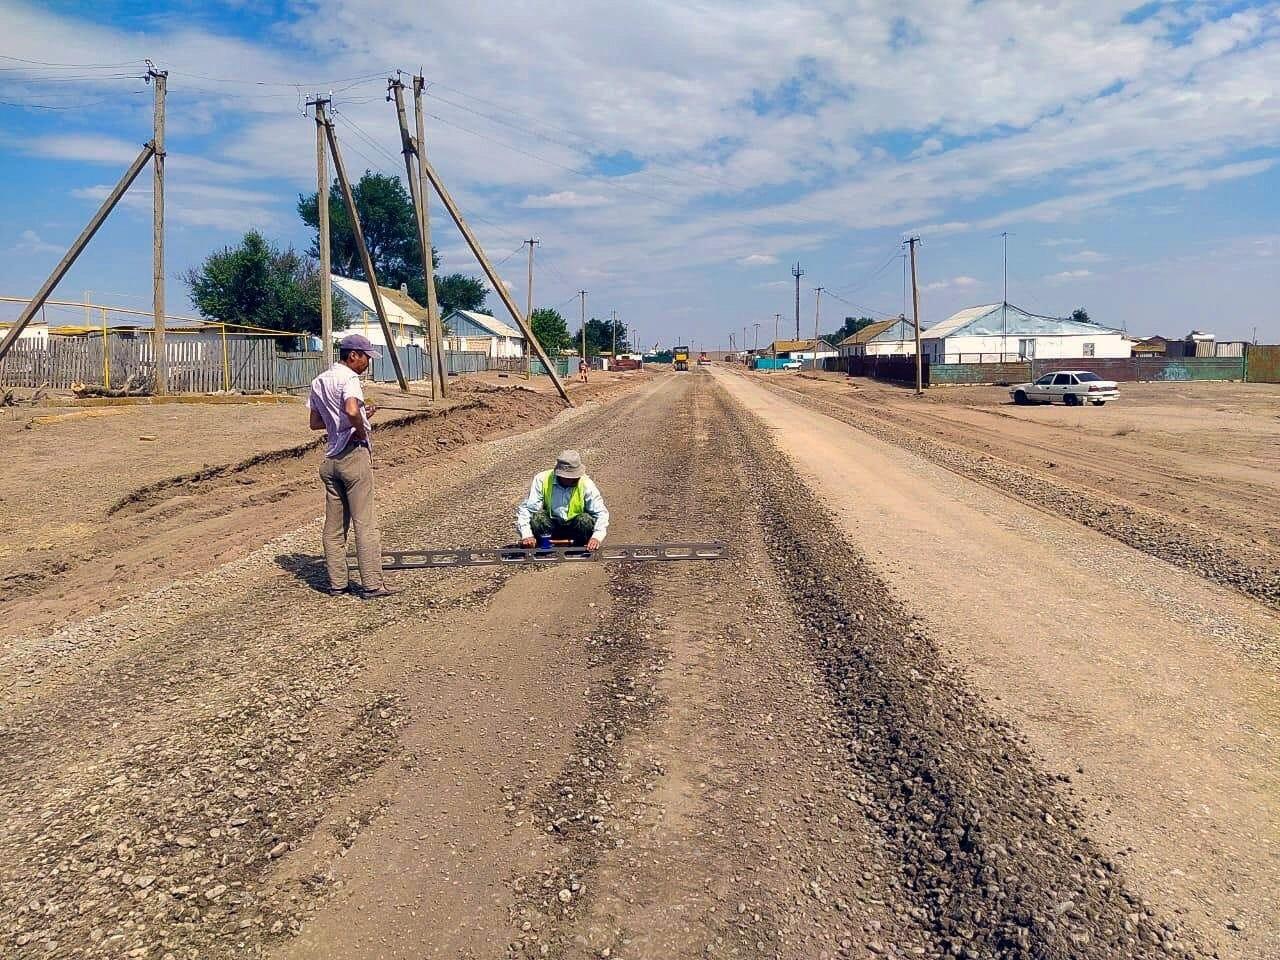 К трем поселкам Калмыкии будет проложена новая дорога